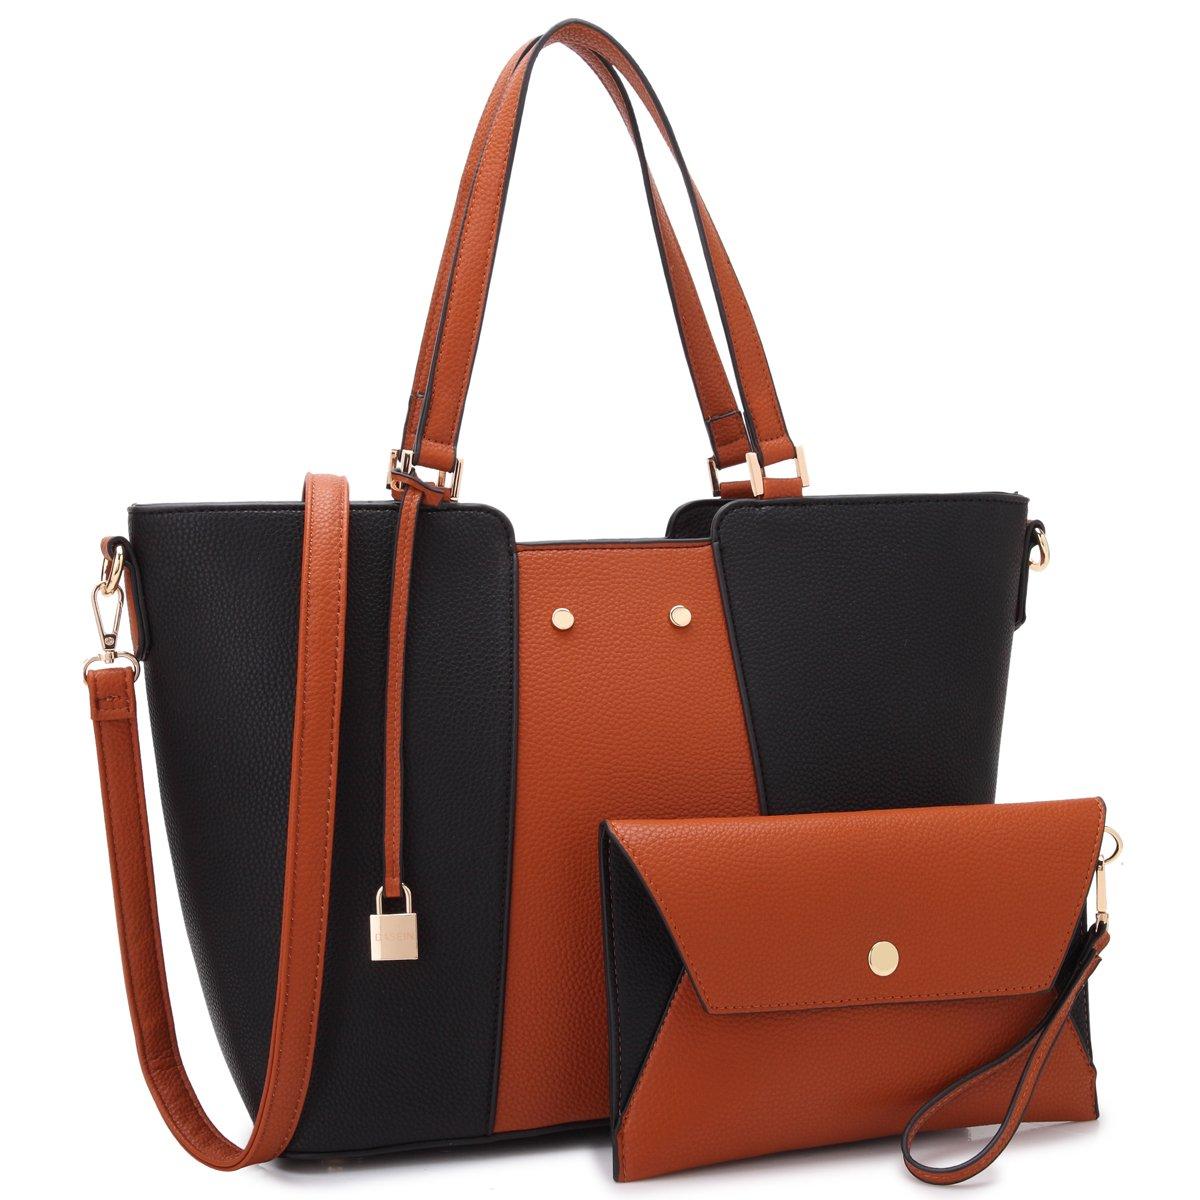 Women Large Designer Laptop Tote Bag Two Tone Handbag Work Tote Bag Satchel Purse w/Matching Wallet (Black/Brown)